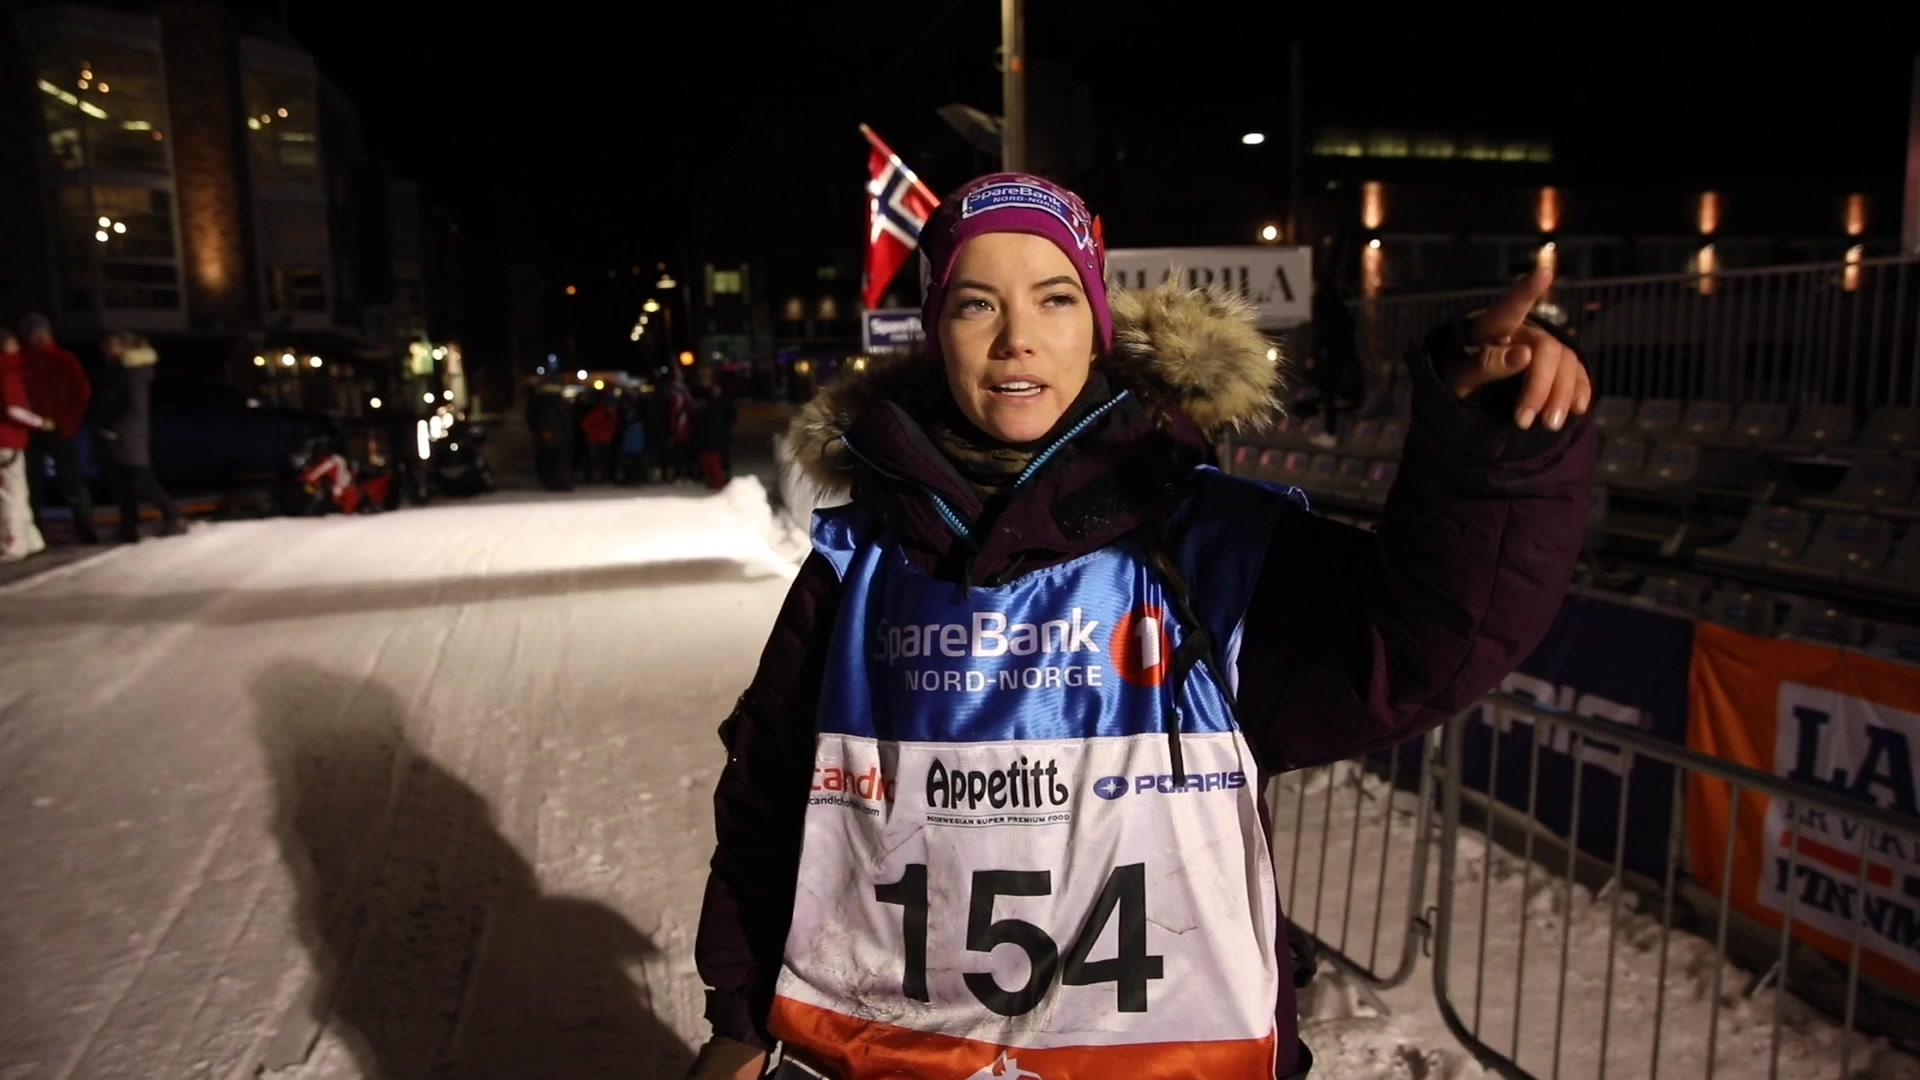 Silje Máret Somby i mål Finnmarksløpet 2019